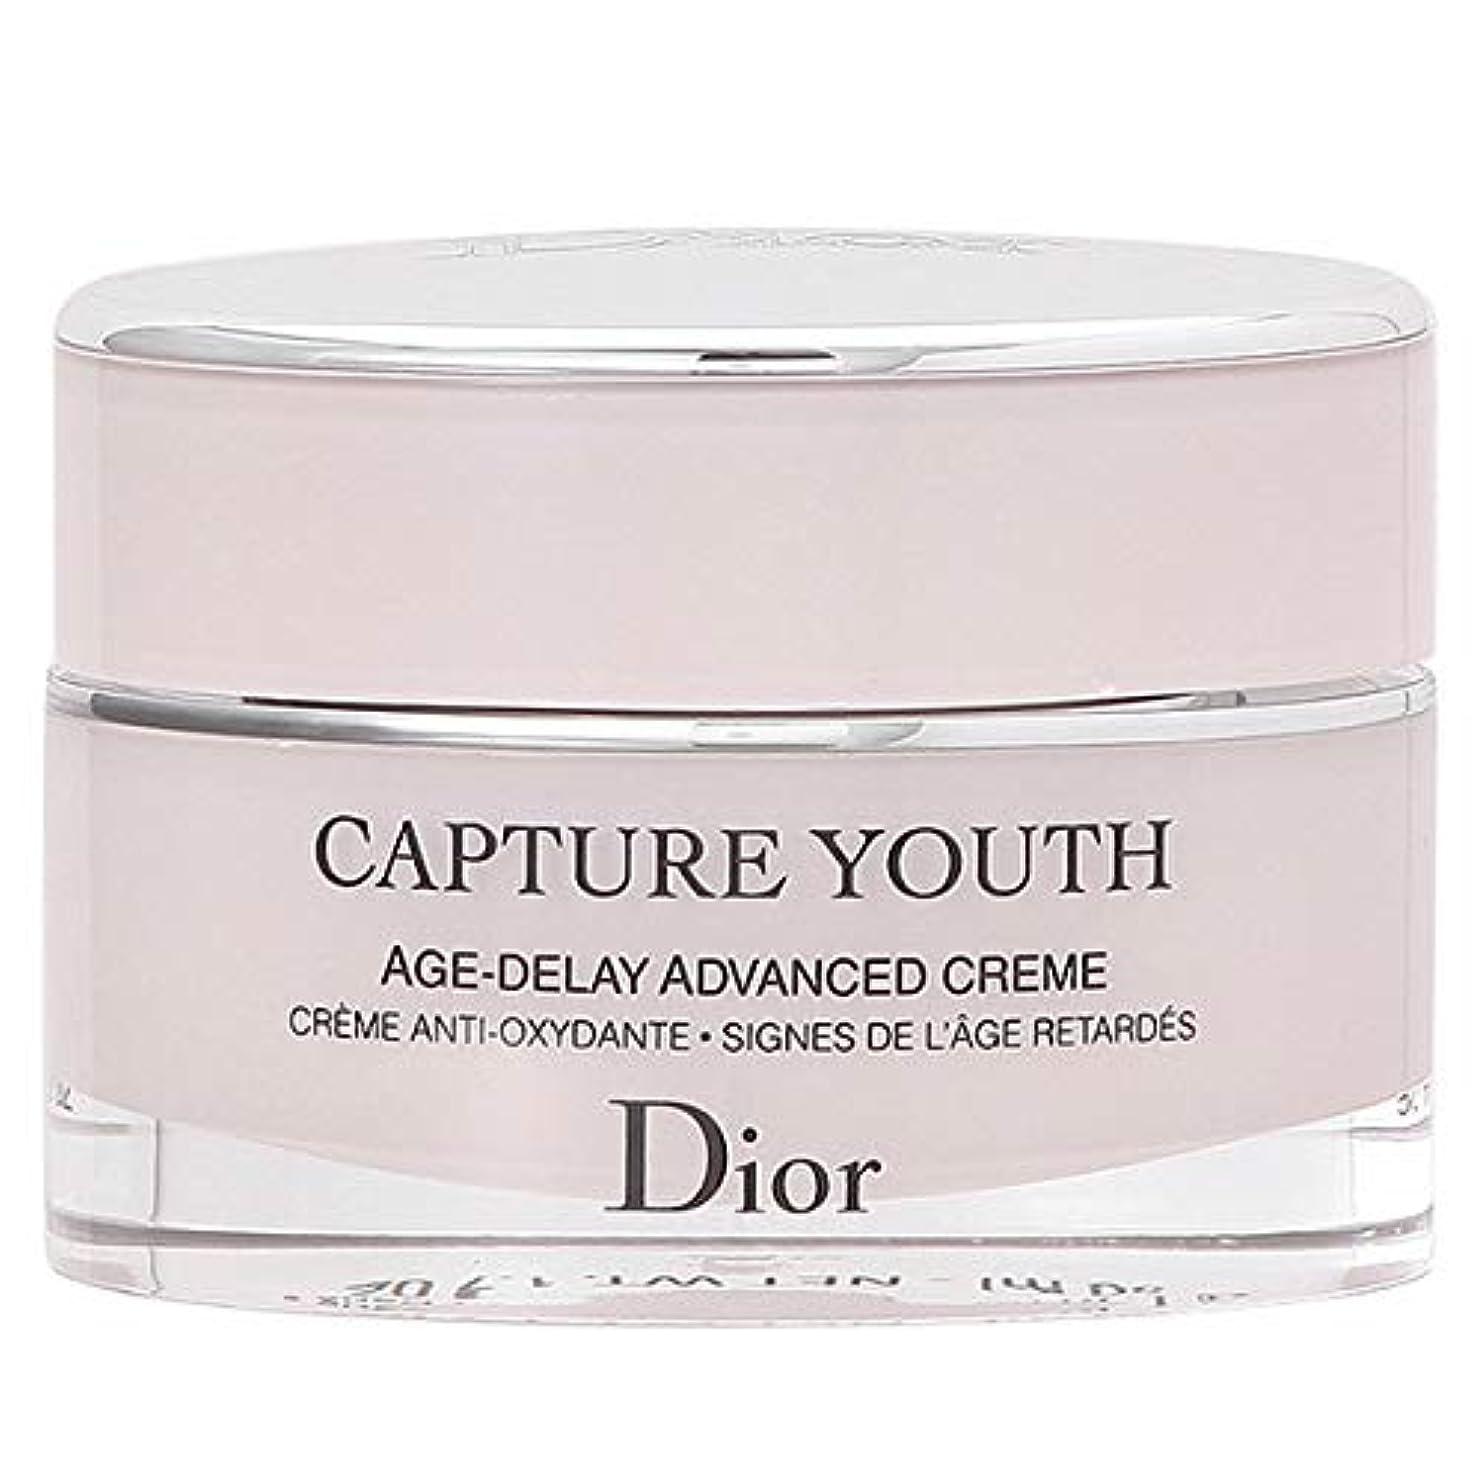 湿地登る気味の悪いクリスチャンディオール Christian Dior カプチュール ユース 50mL [並行輸入品]